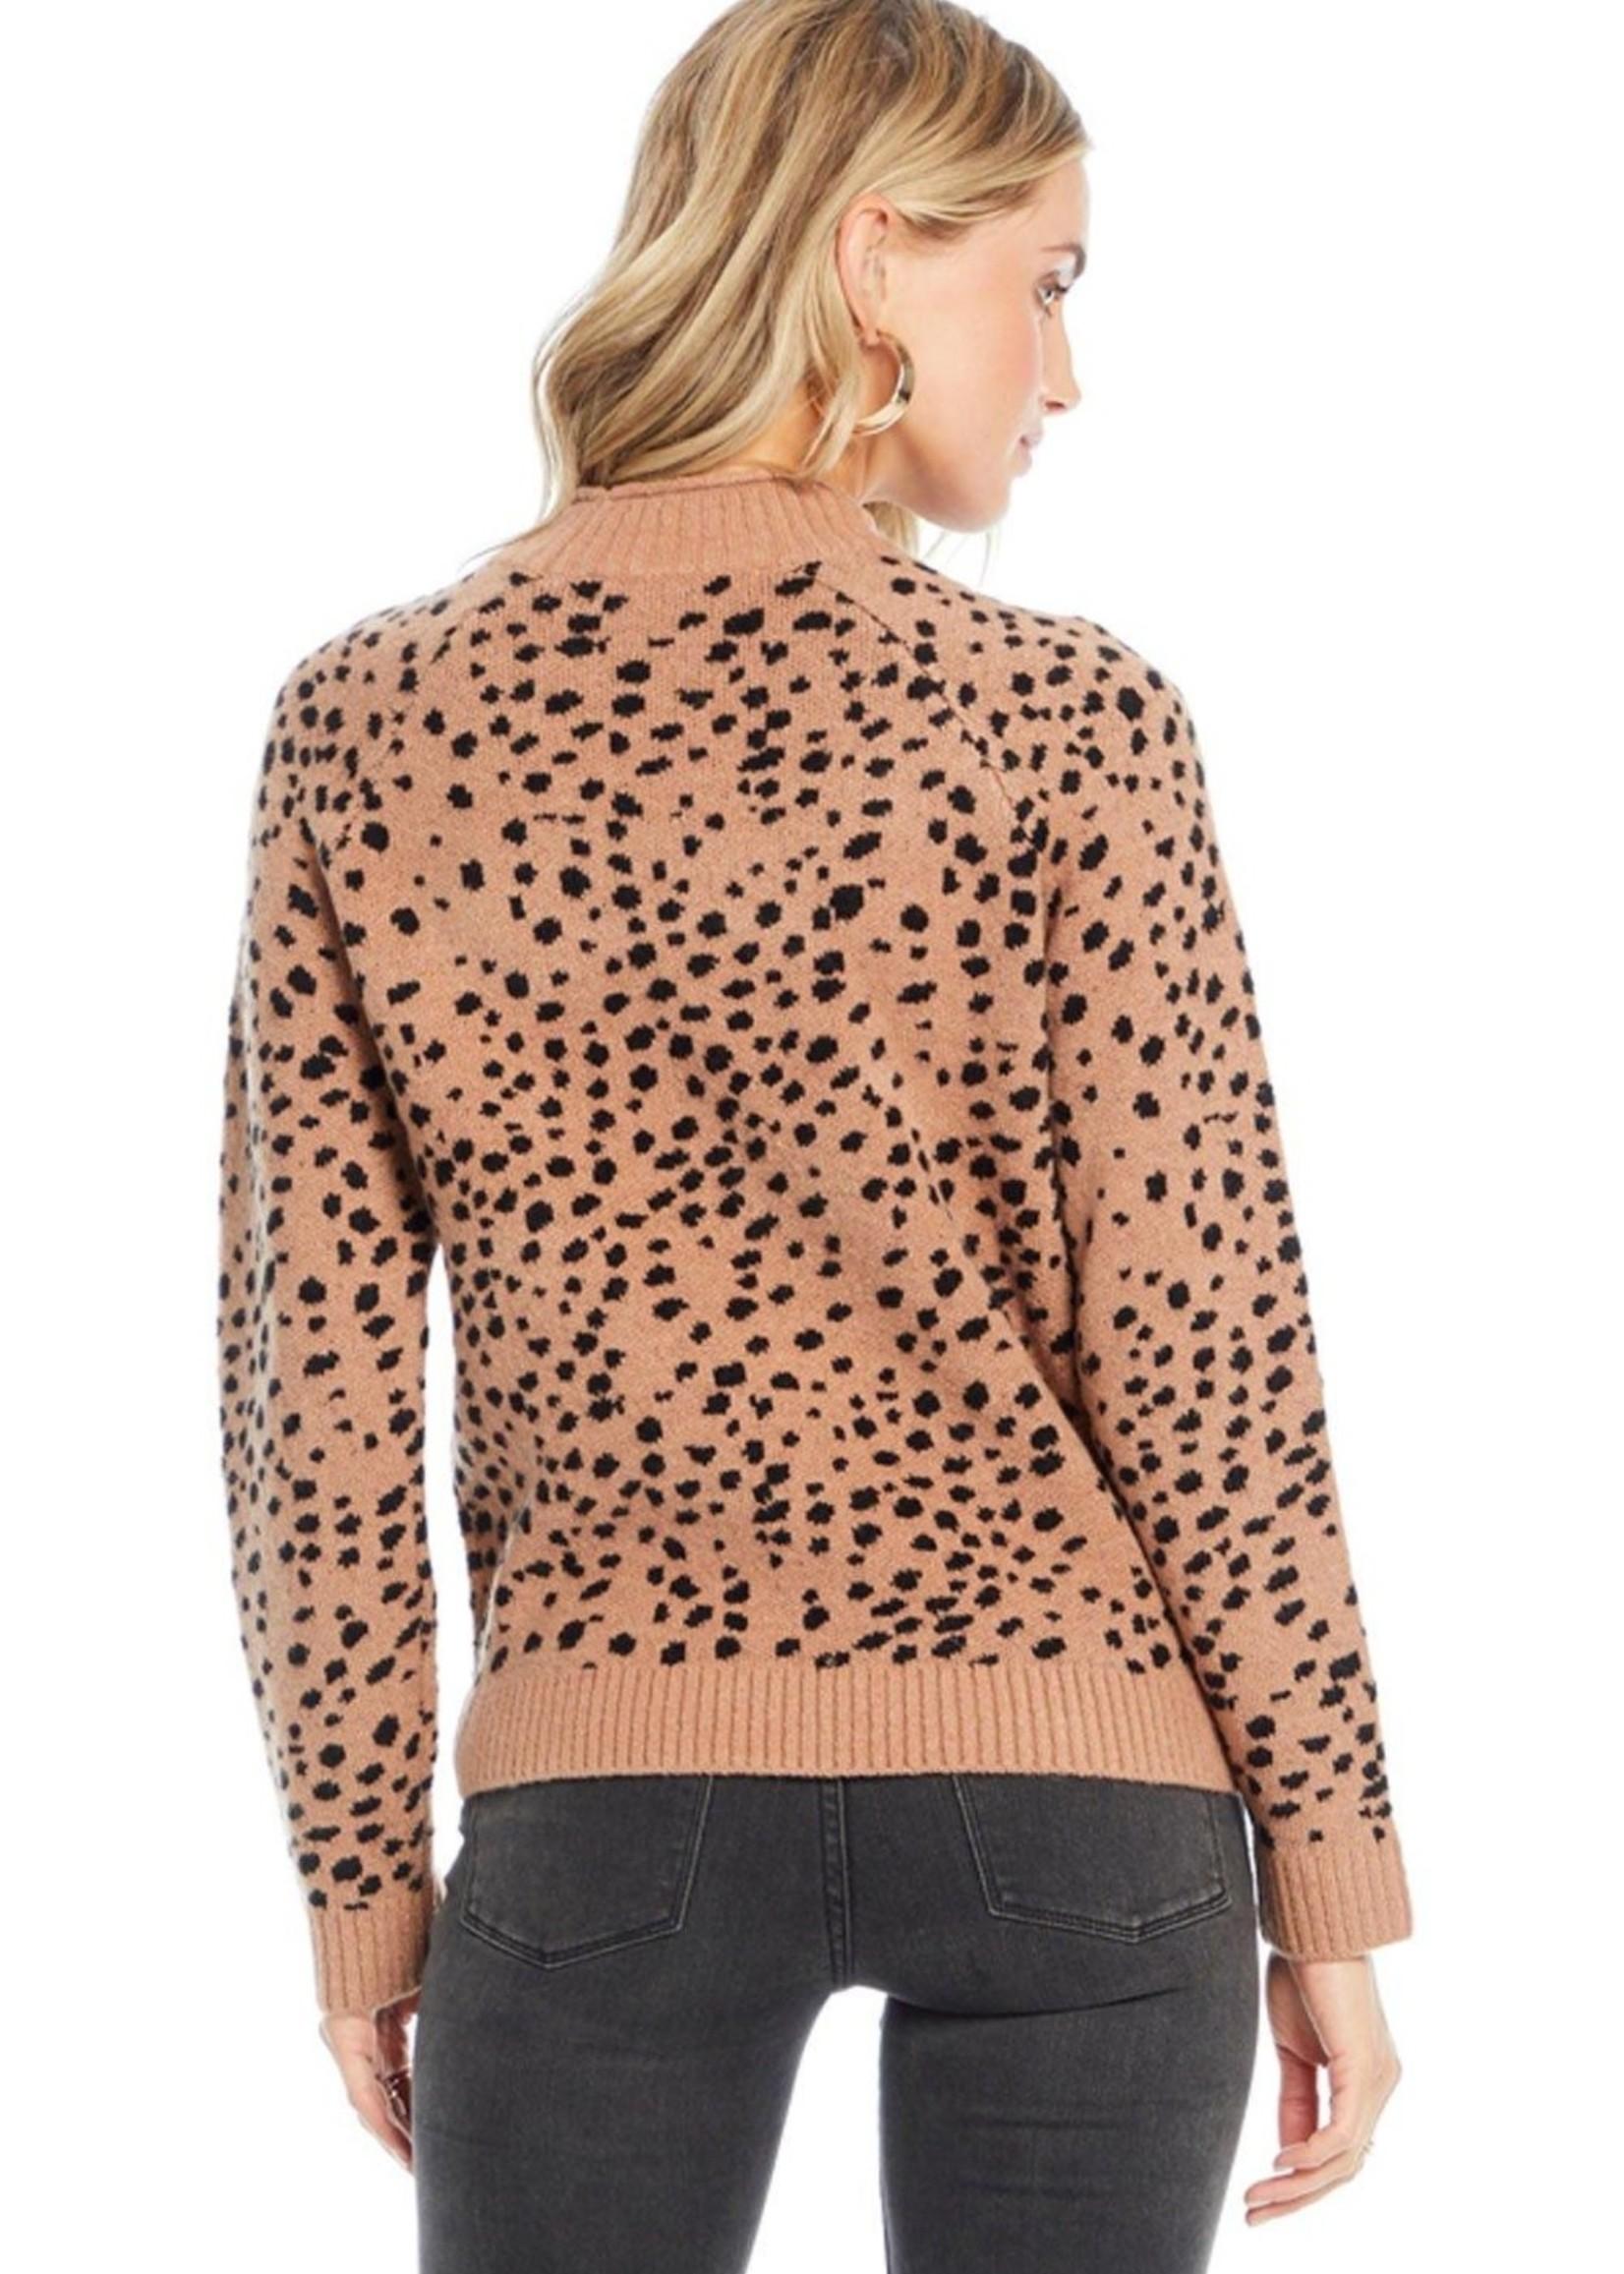 SALTWATER LUXE SIENNA sweater